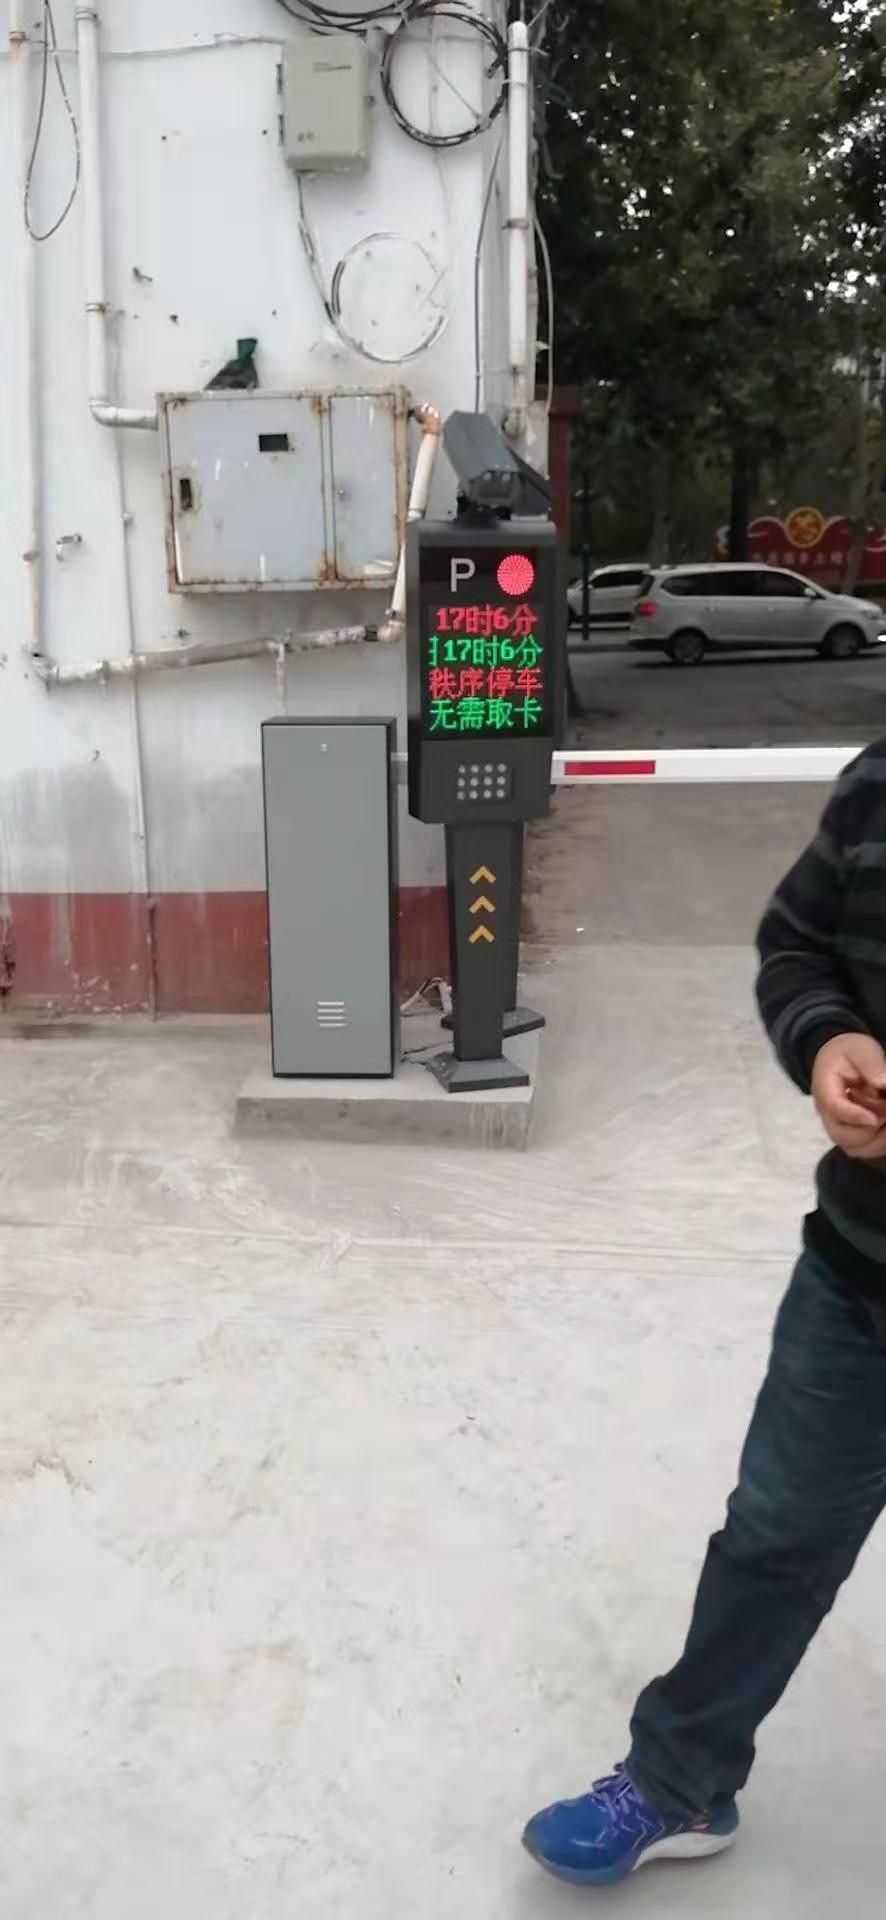 车牌识别一体机 智能直杆道闸  无感支付停车收费系统 洛阳厂家批发